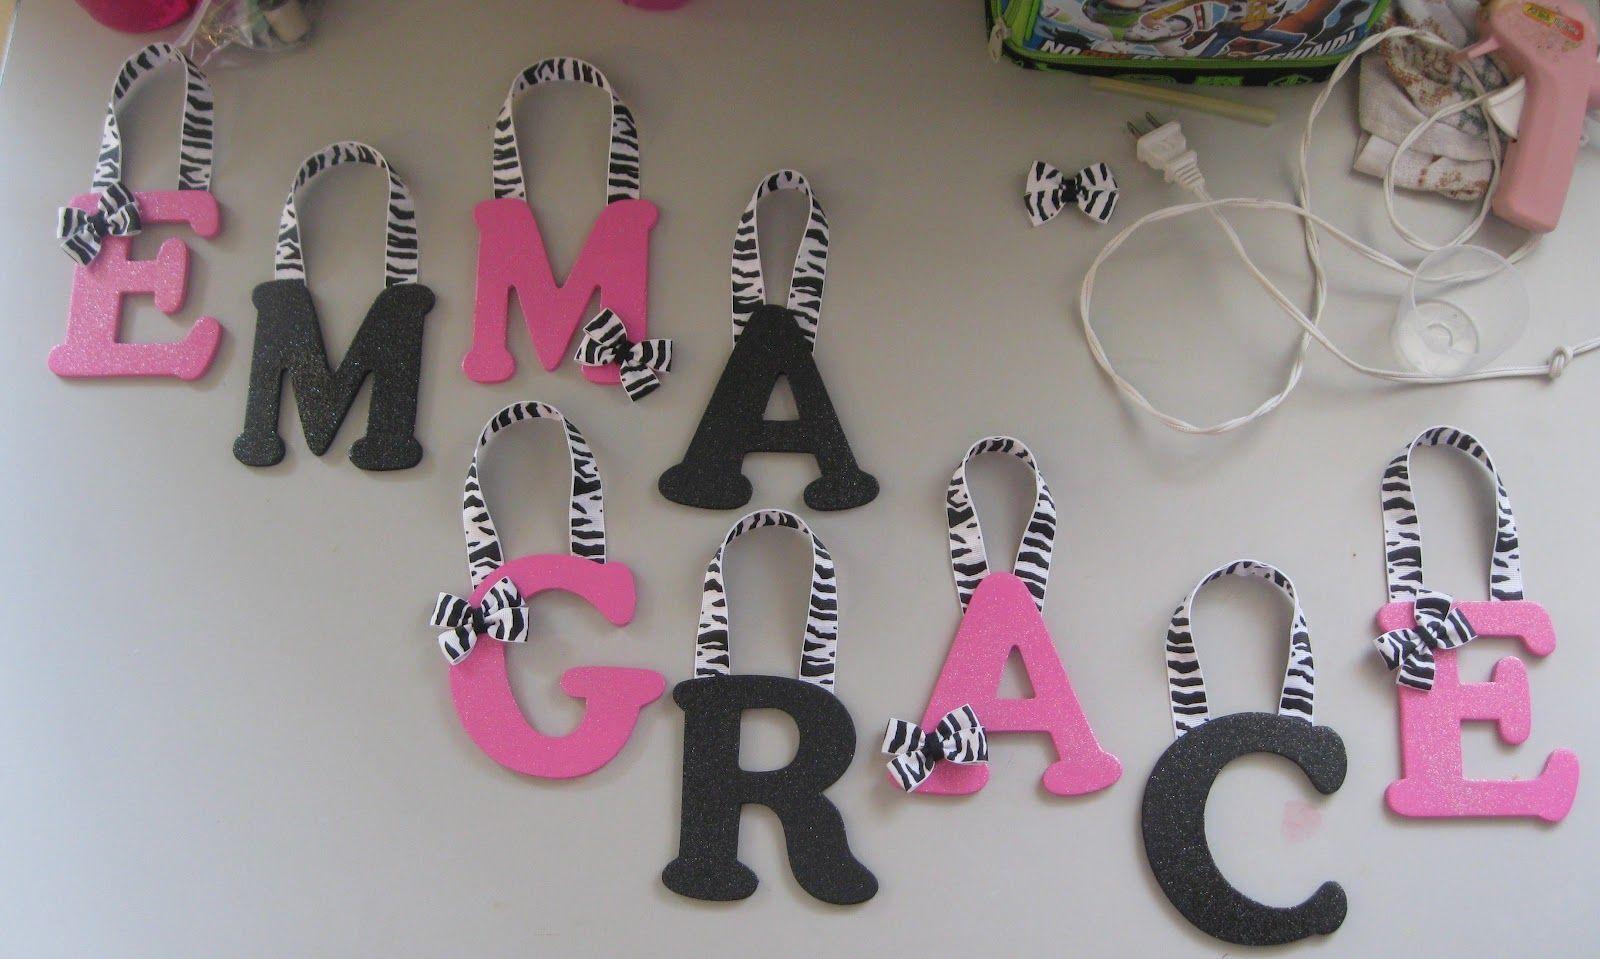 Baby Shower Zebra Theme Party | Bonnie's Crafty Corner: Zebra themed baby shower